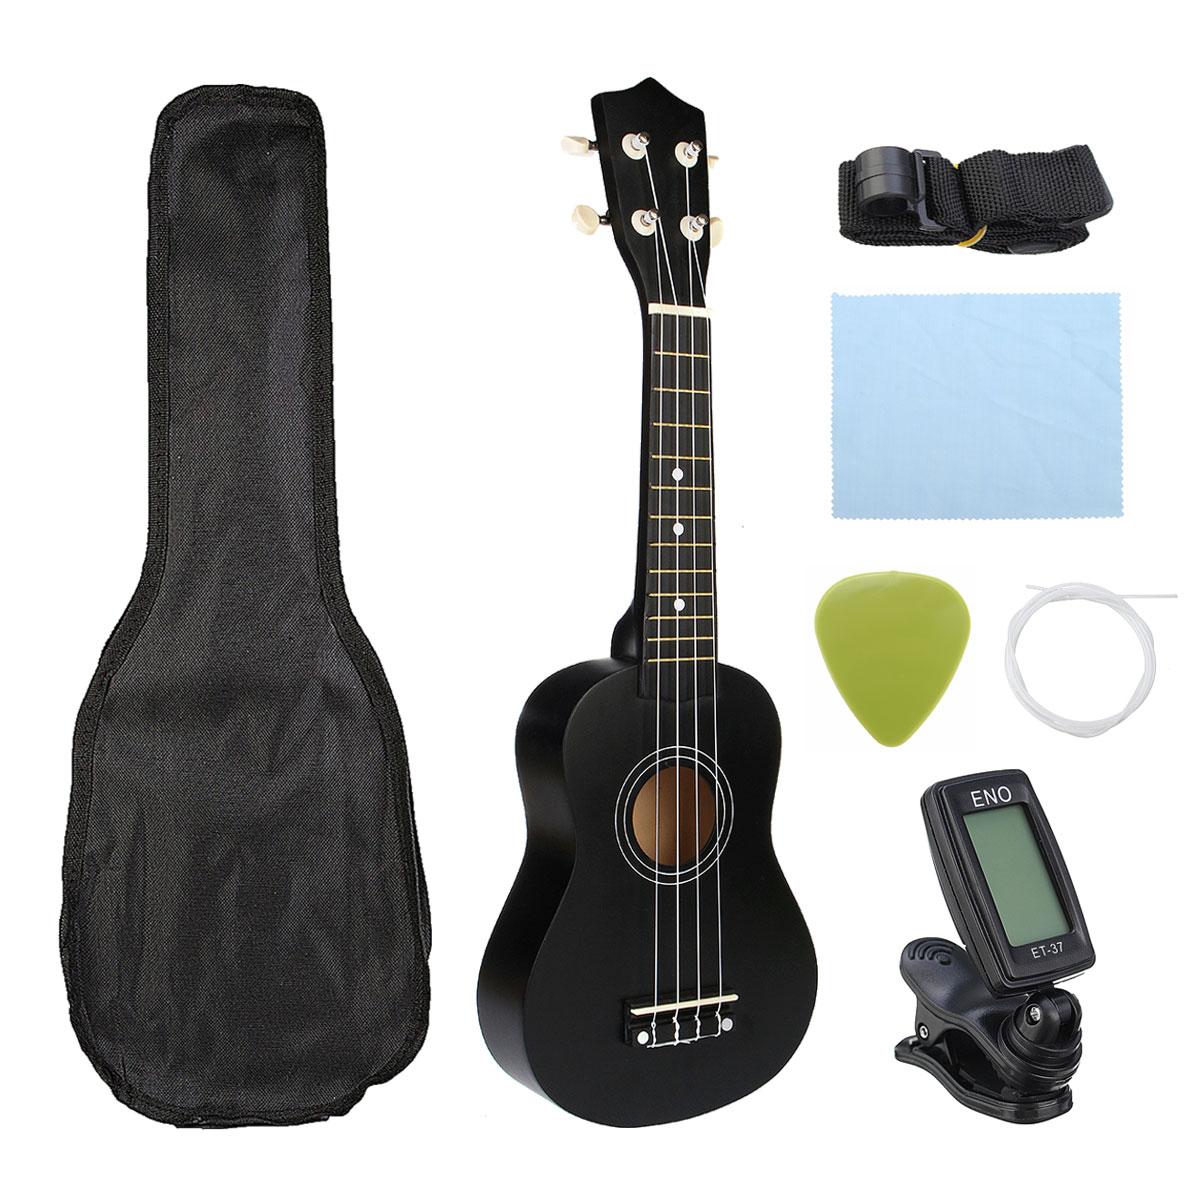 21 Inç Ukulele Soprano 4 Dizeleri Hawaiian Ladin Basswood Gitar Müzik Aleti Seti Kitleri + Tuner + Dize + Kayış + çanta